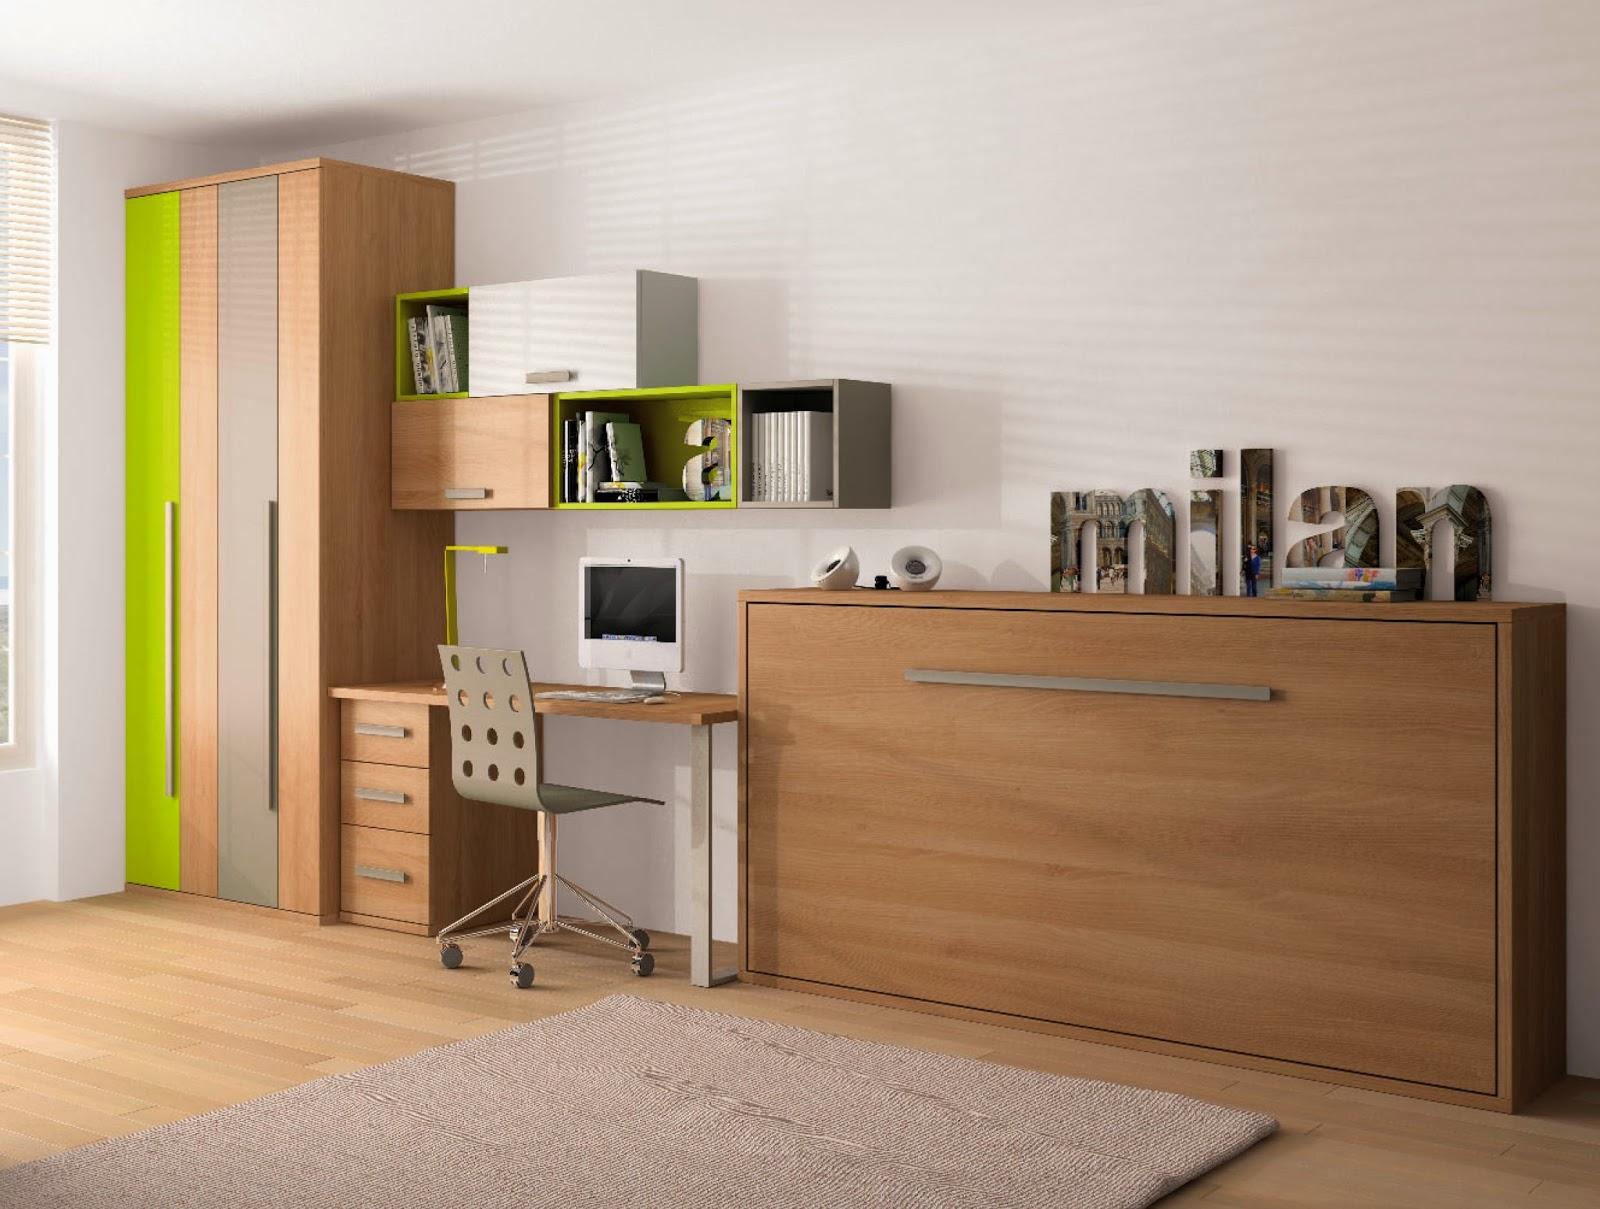 Dormitorios juveniles iii las camas abatibles tkautiva for Camas abatibles juveniles